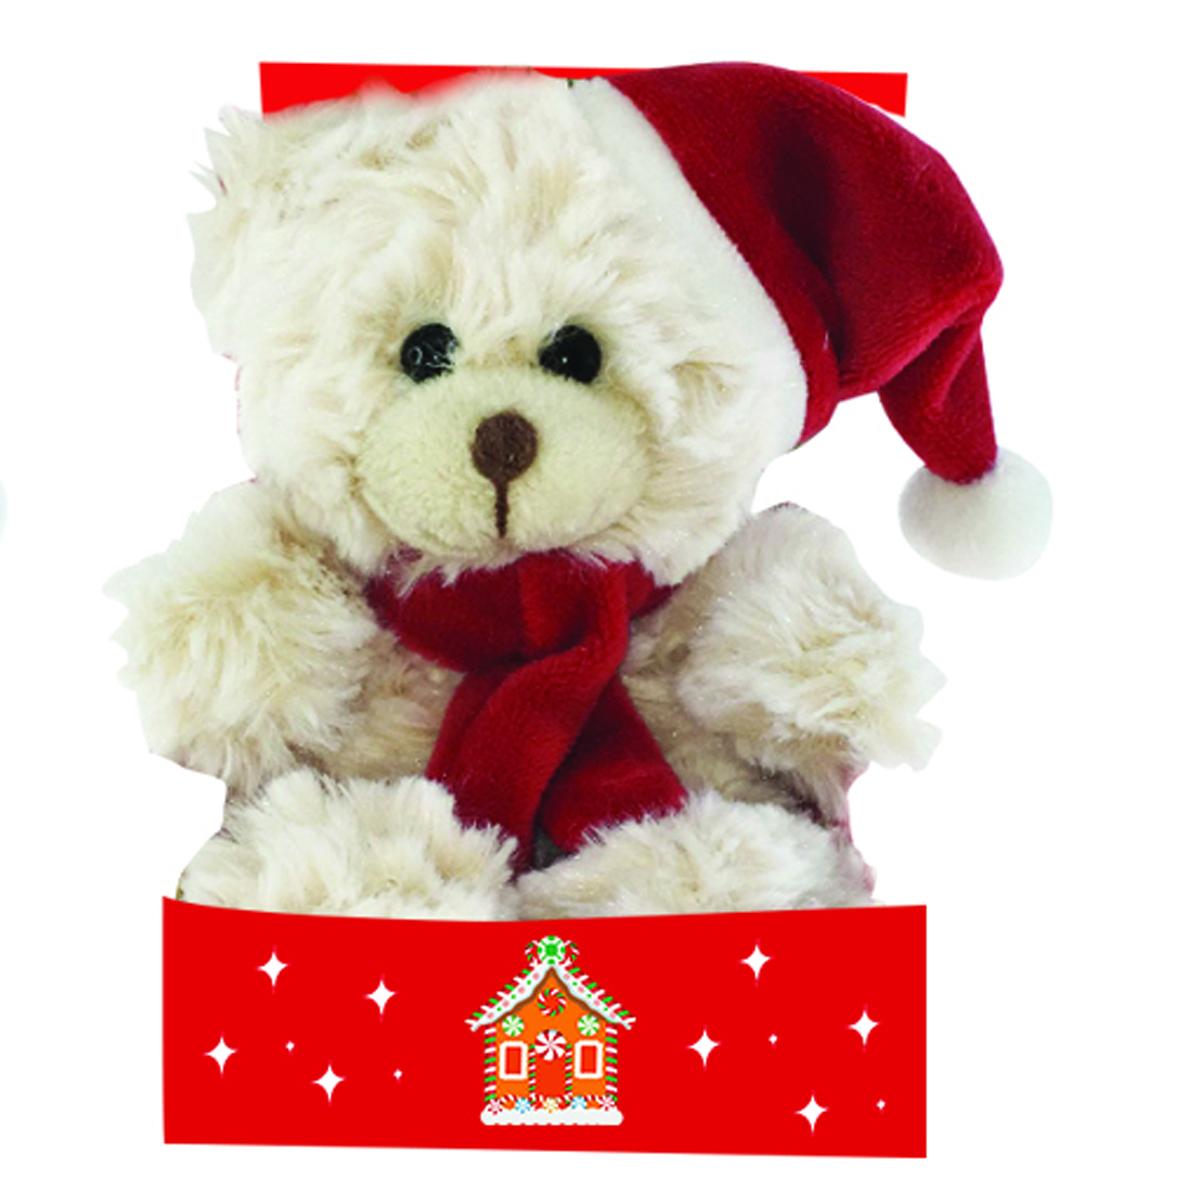 Peluche design \'Teddy Bear\' beige bonnet rouge - 15 cm - [Q3912]